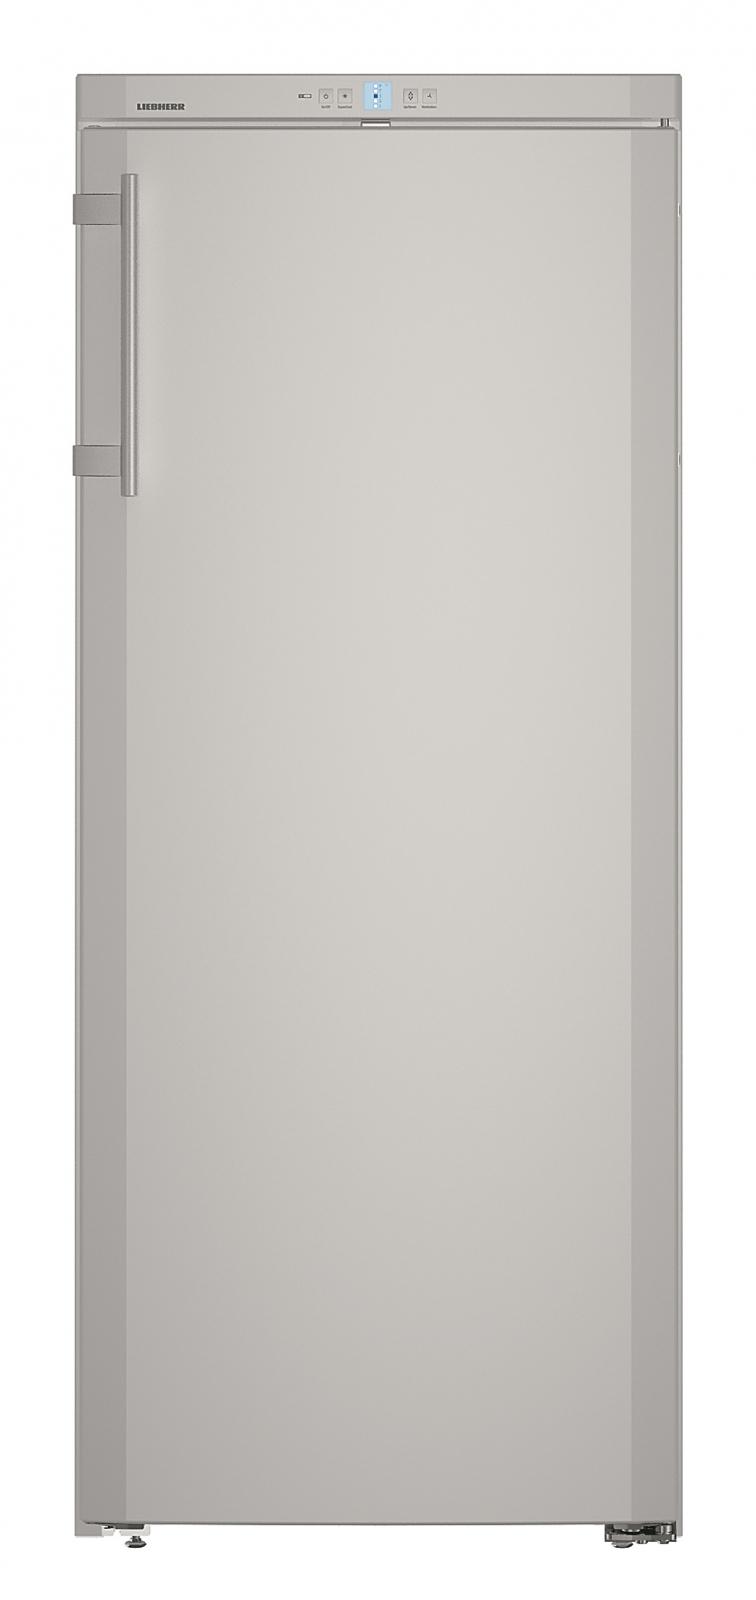 купить Однокамерный холодильник Liebherr Ksl 3130 Украина фото 2